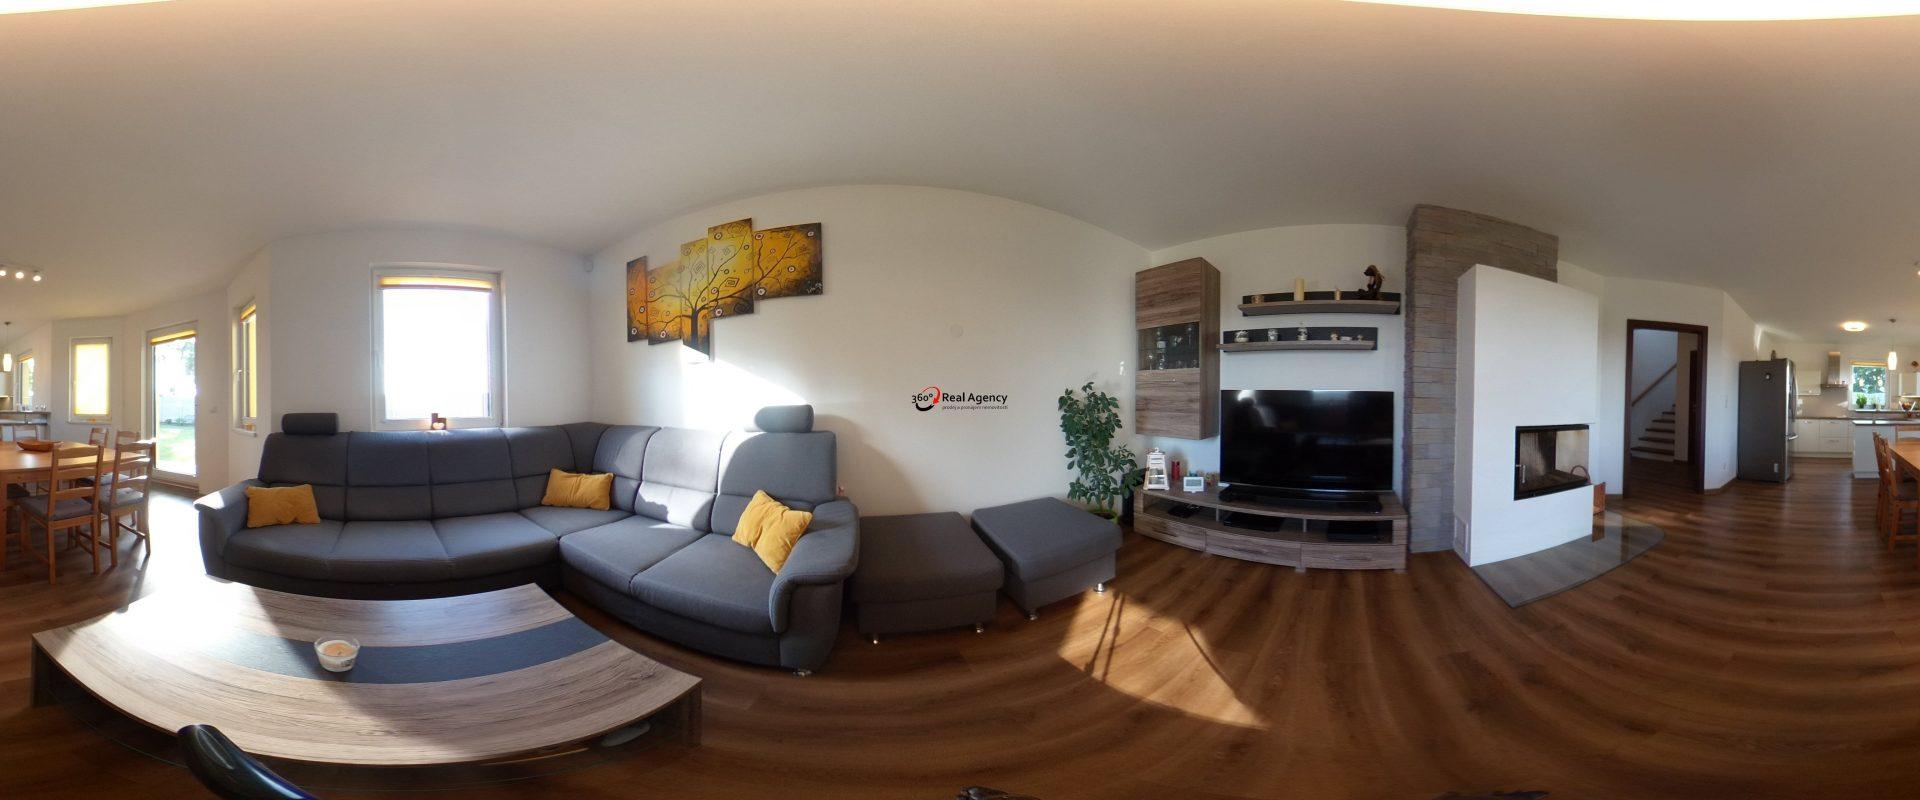 Prodej rodinného domu 190 m², pozemek 1 029 m².